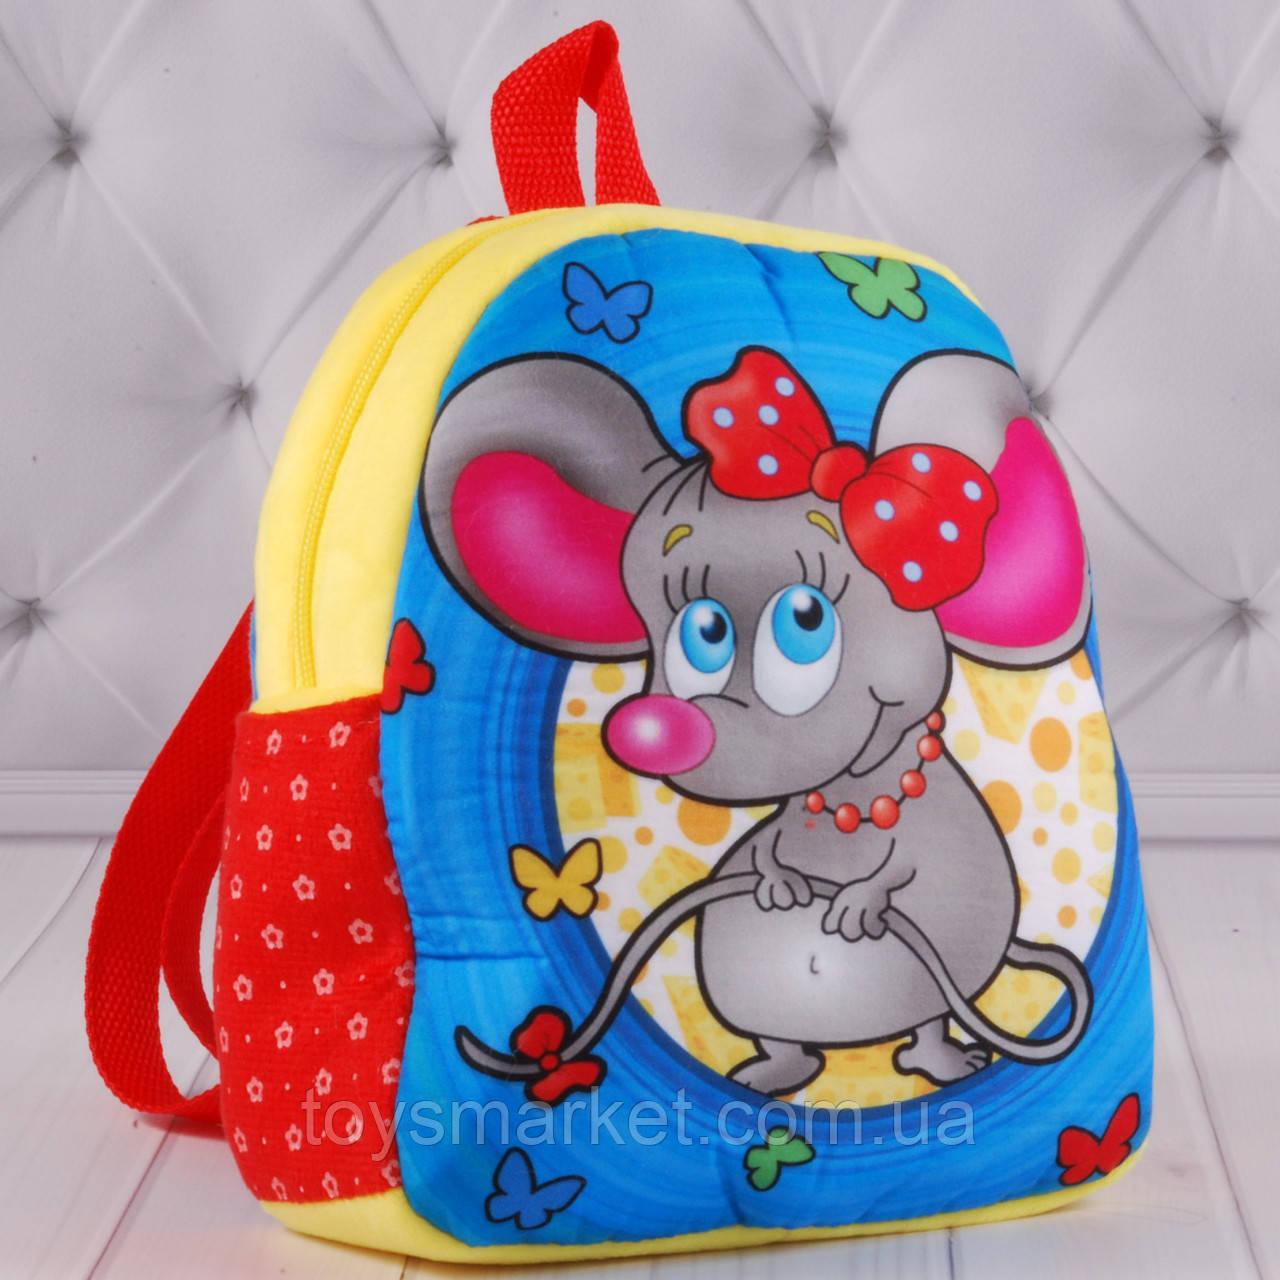 """Детский рюкзак с мышкой """"Муся"""", плюшевый рюкзачок с мышкой, рюкзак в садик"""